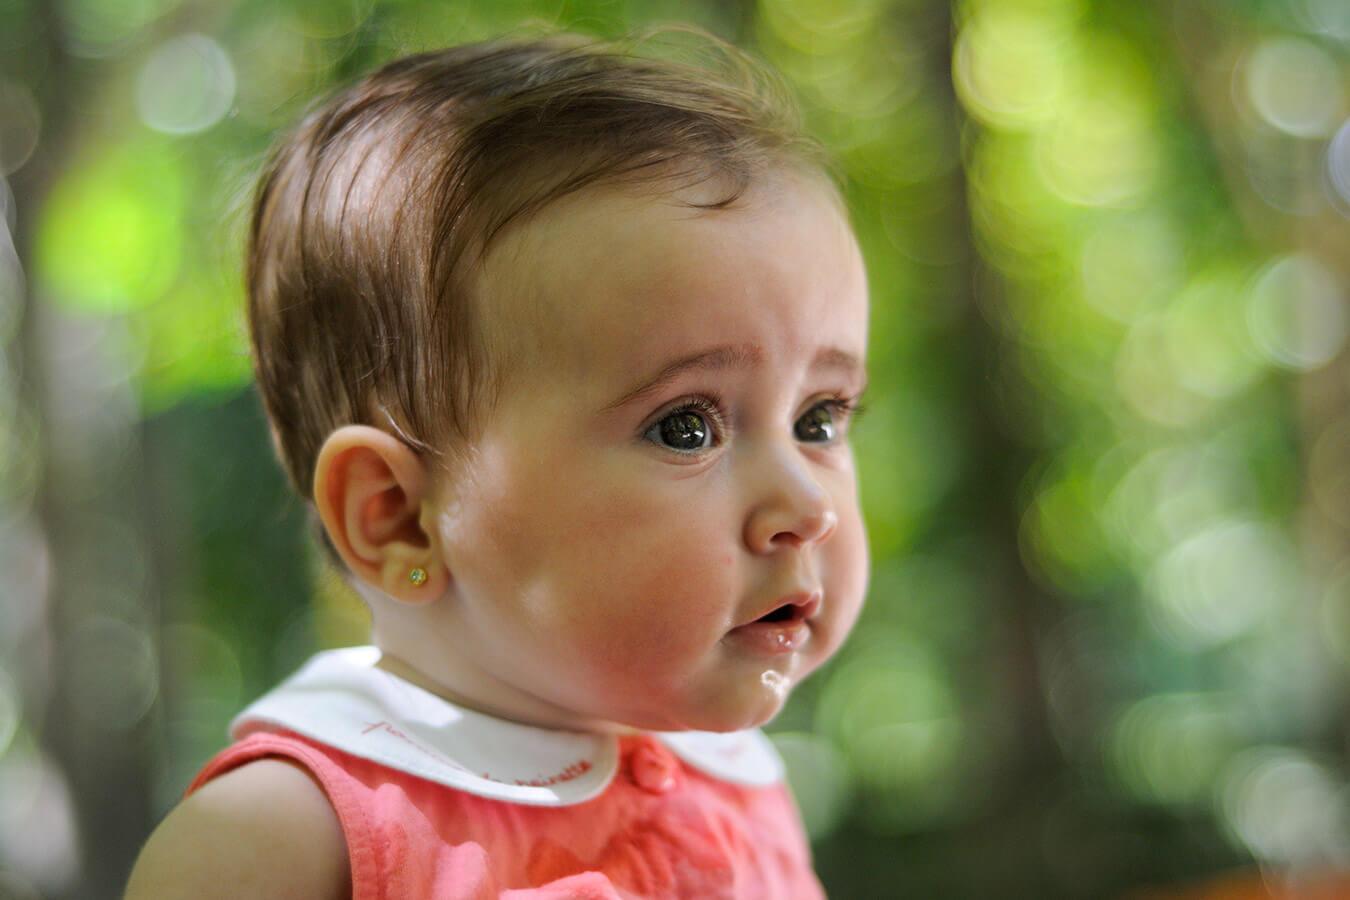 26 tygodniowe dziecko – Jak wygląda 26 tydzień życia dziecka?